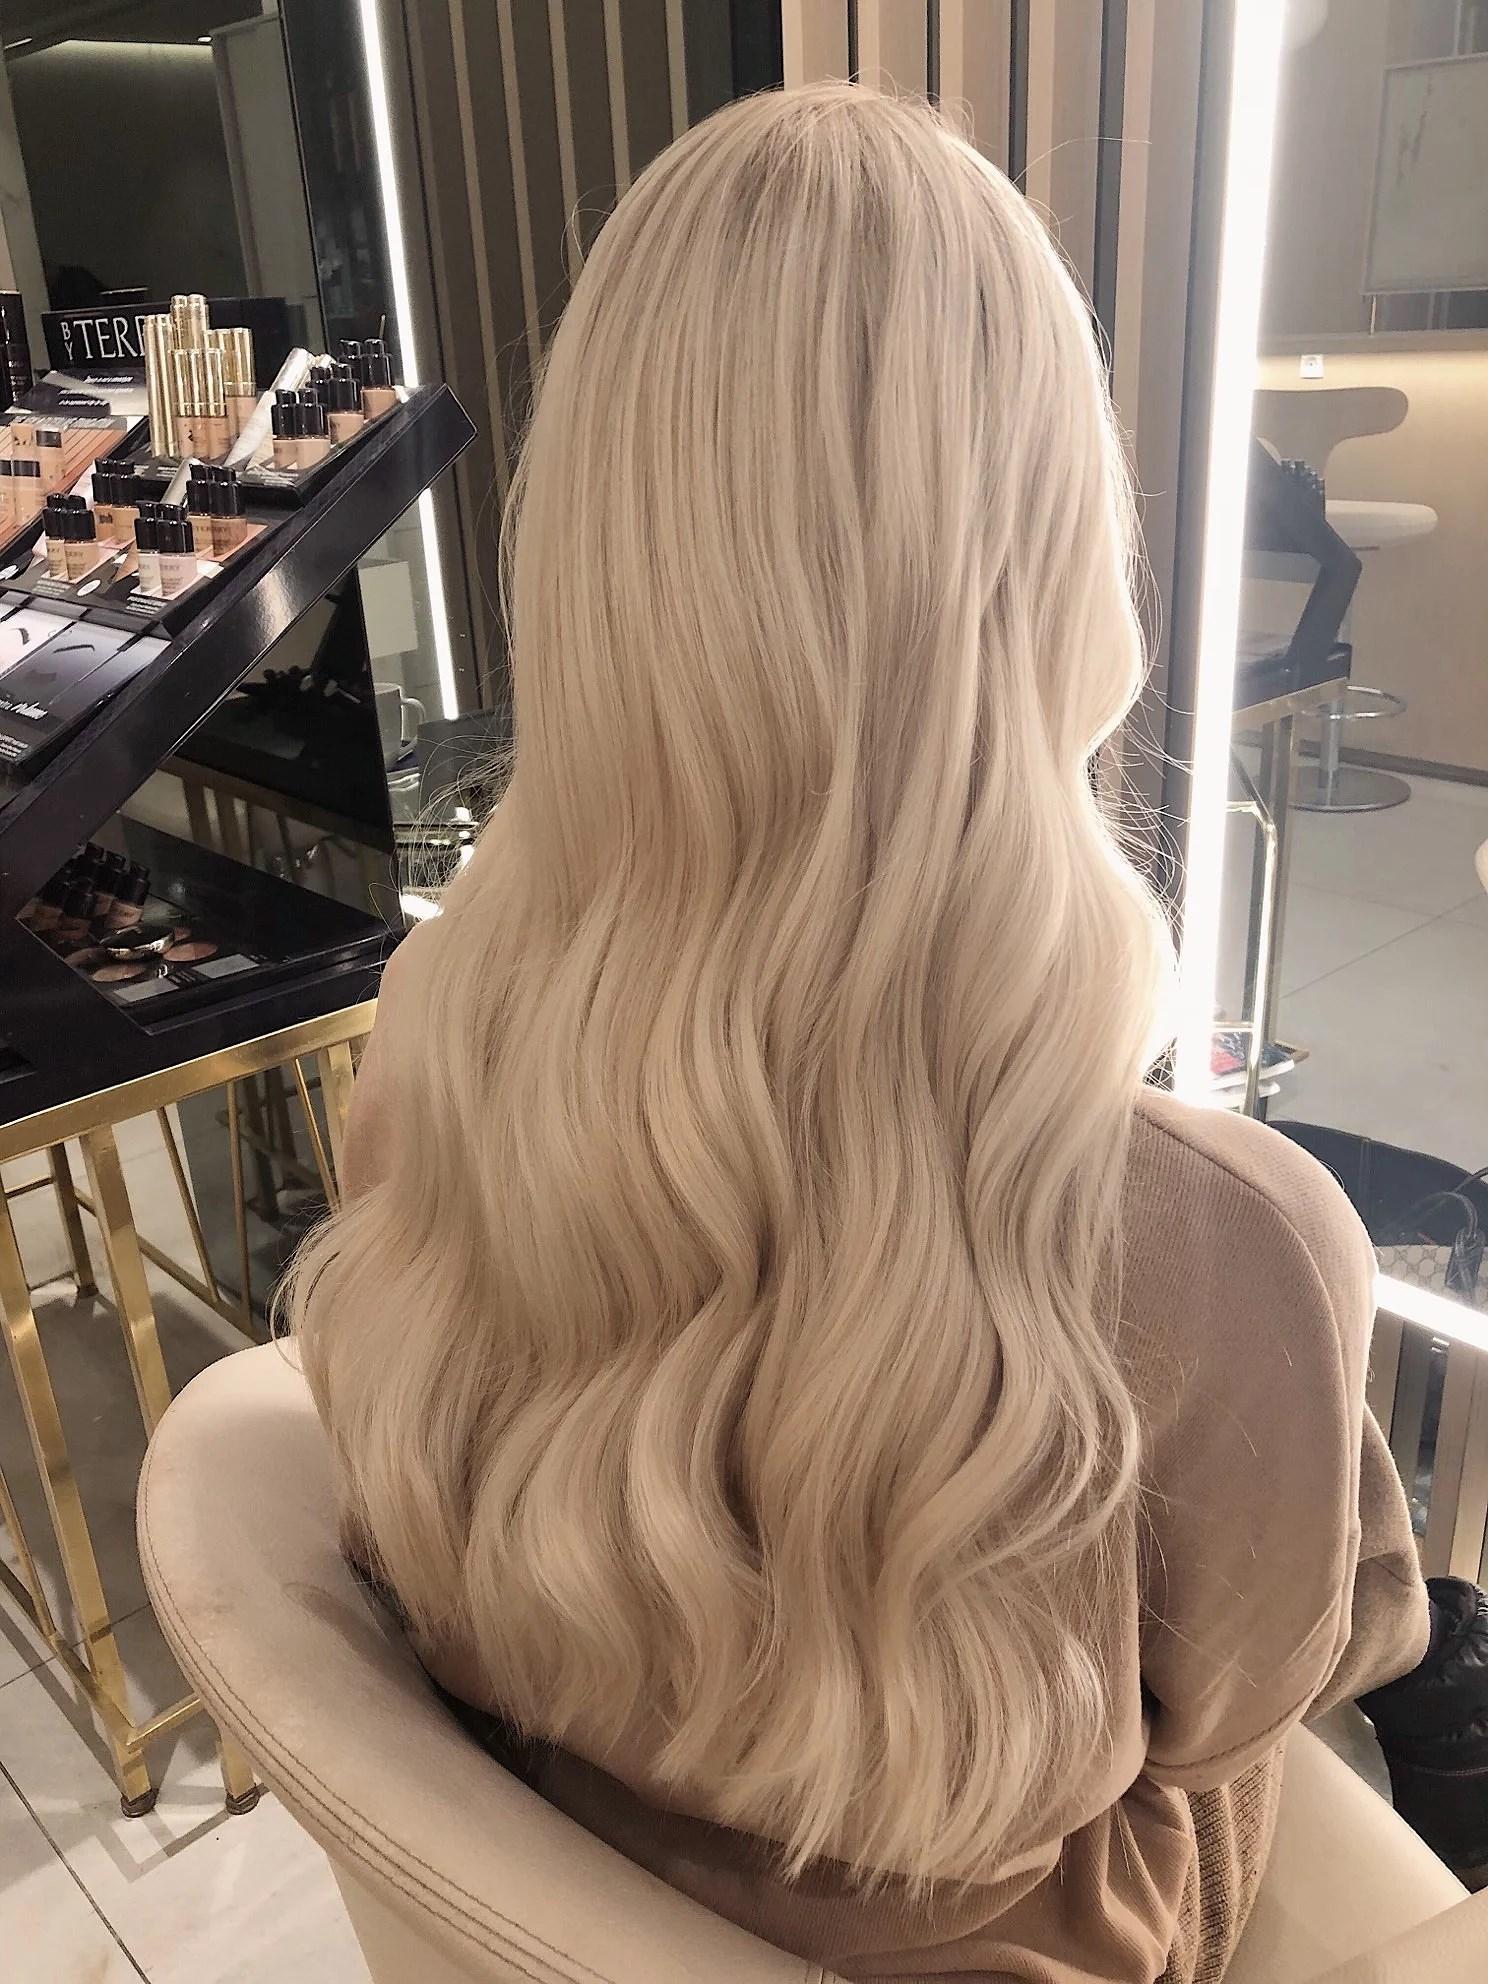 Mitt hår, produkter & tips!